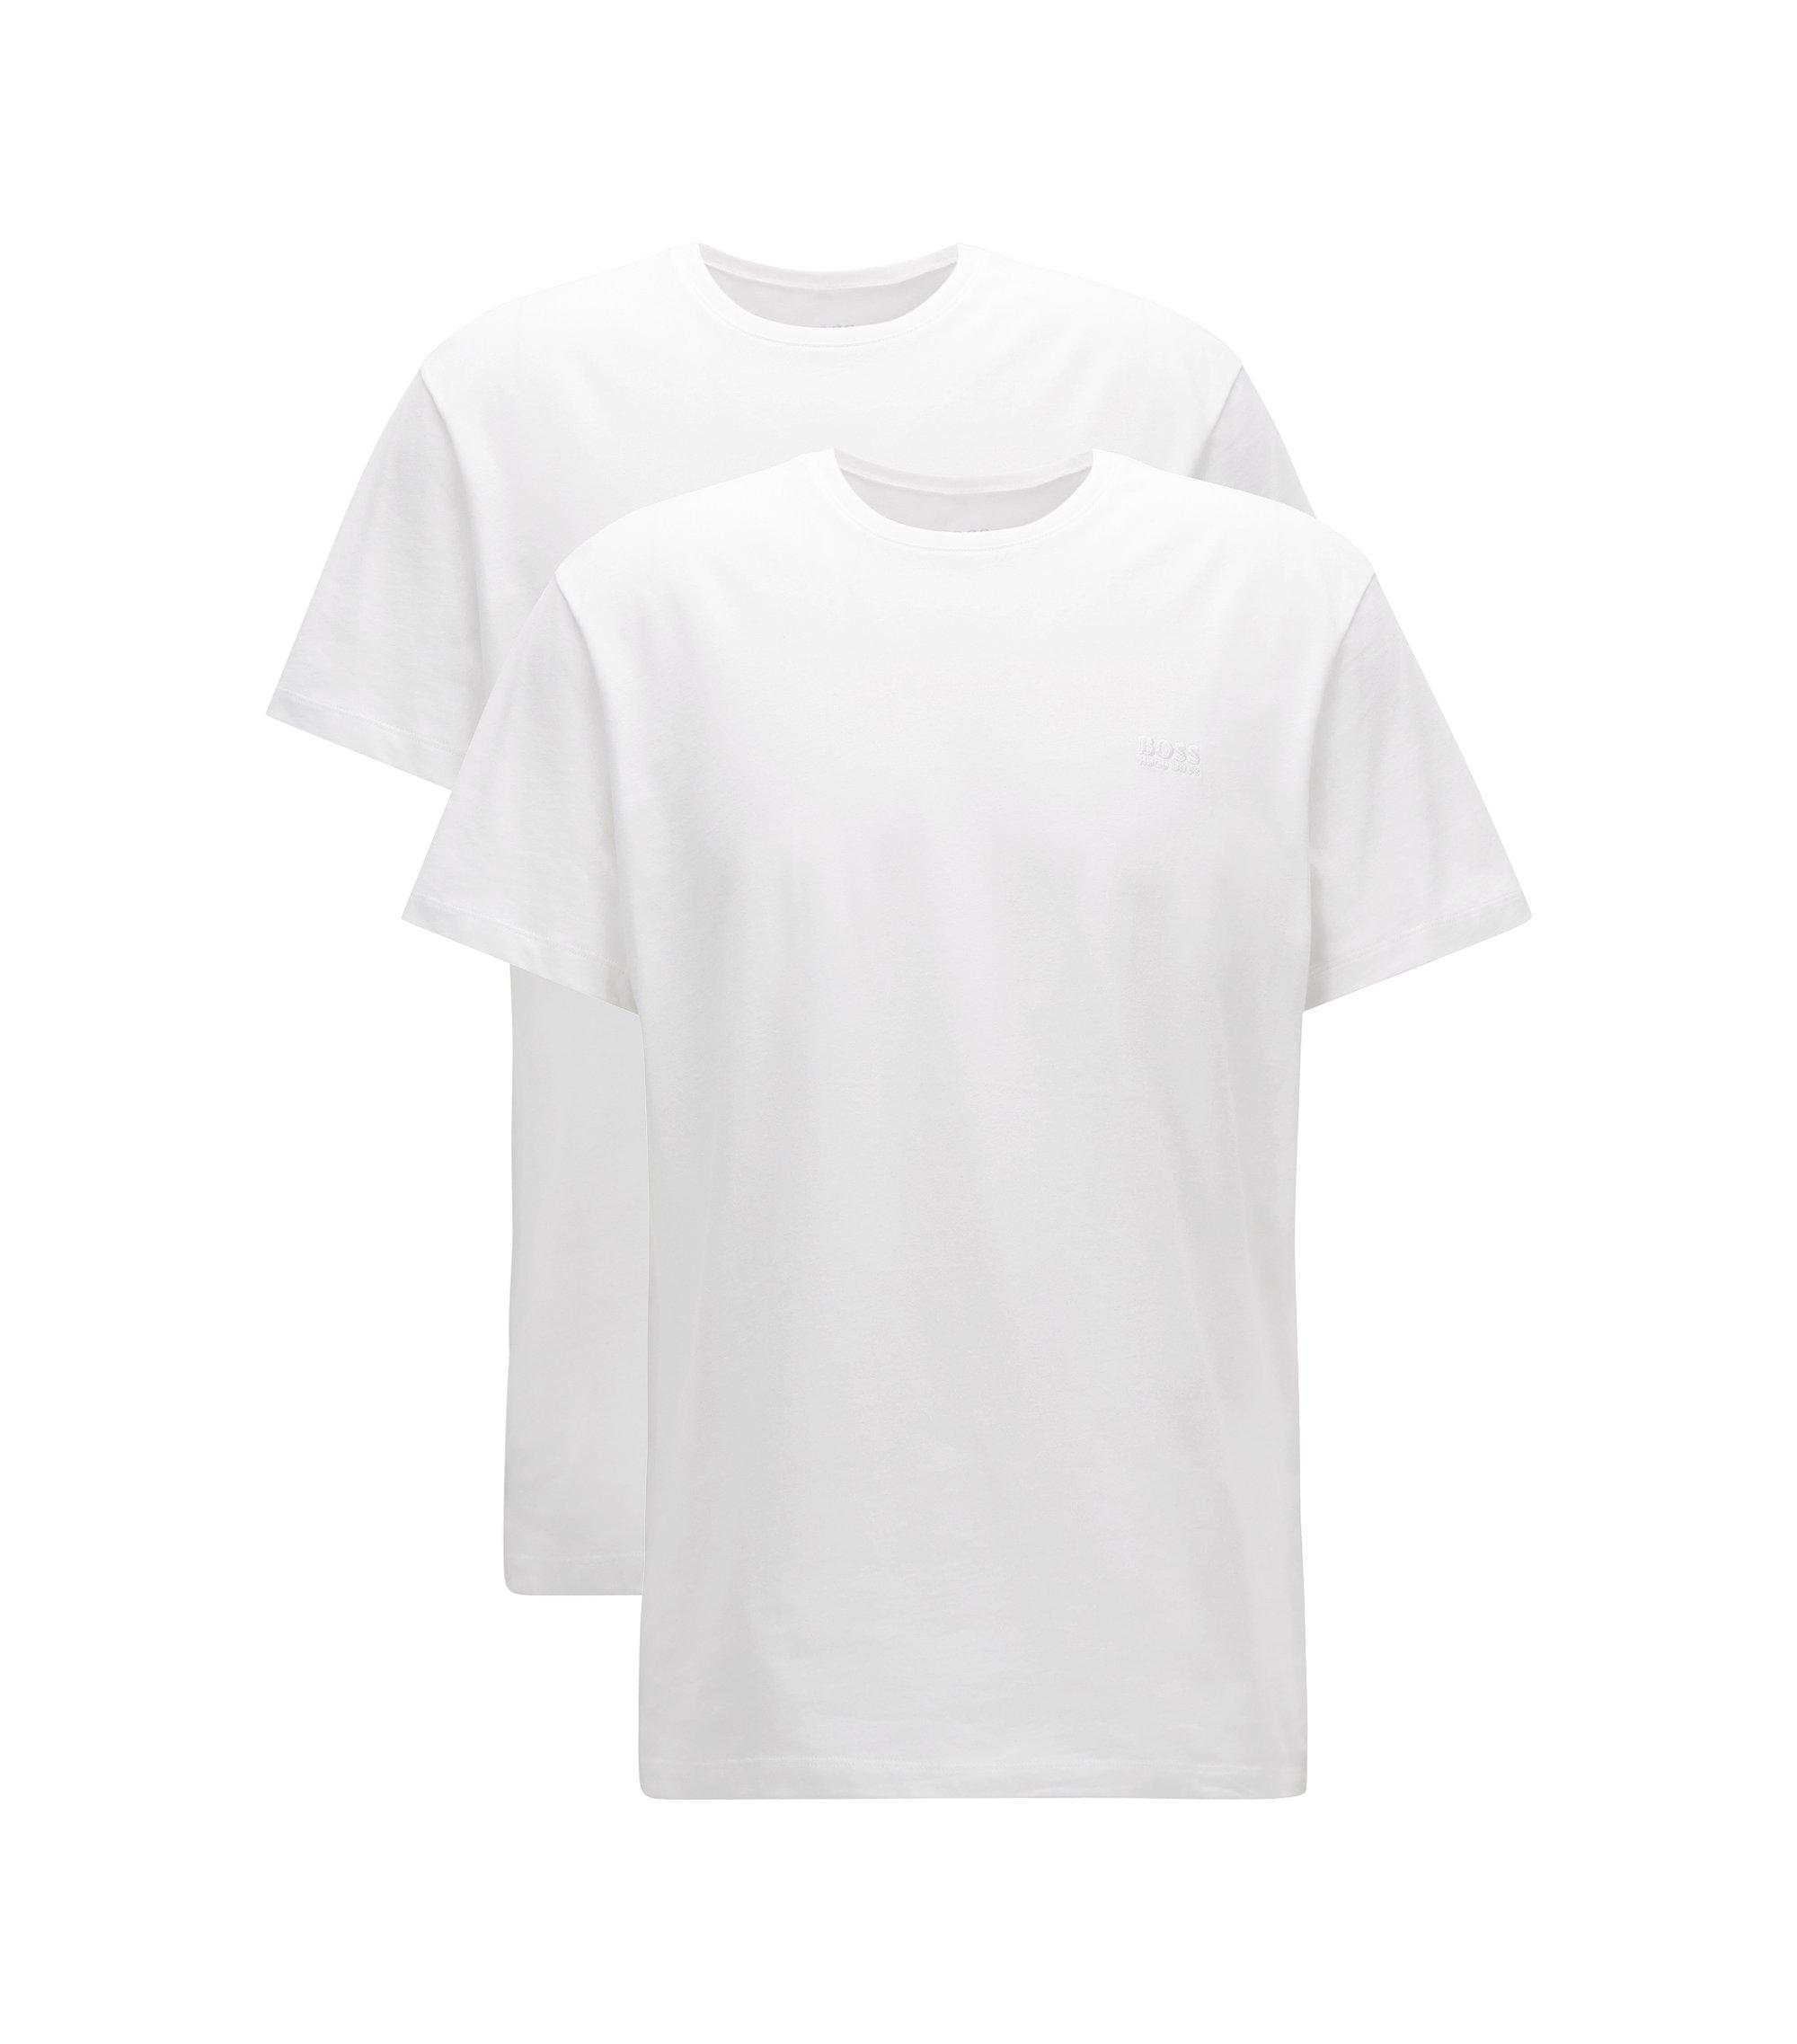 Zweier-Pack Relaxed-Fit T-Shirts aus Baumwolle mit Rundhalsausschnitt, Weiß